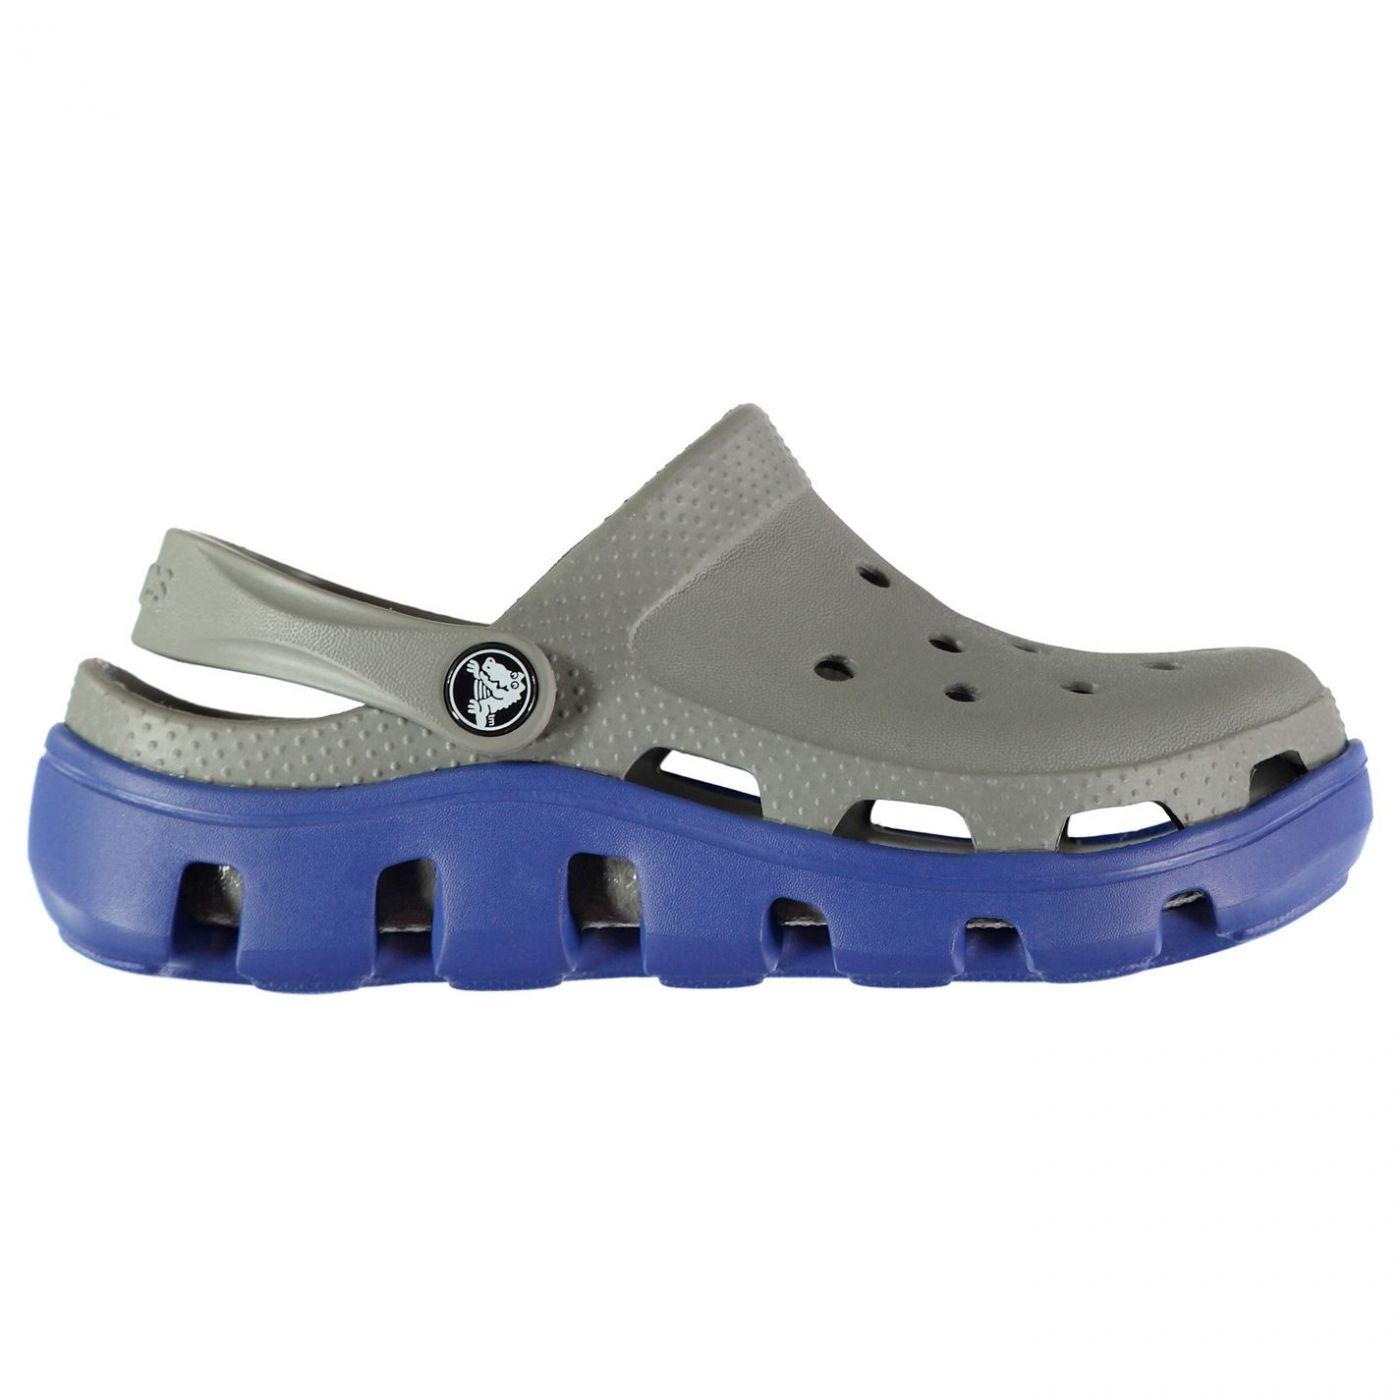 Crocs Duet Sport Infant Boys Sandals